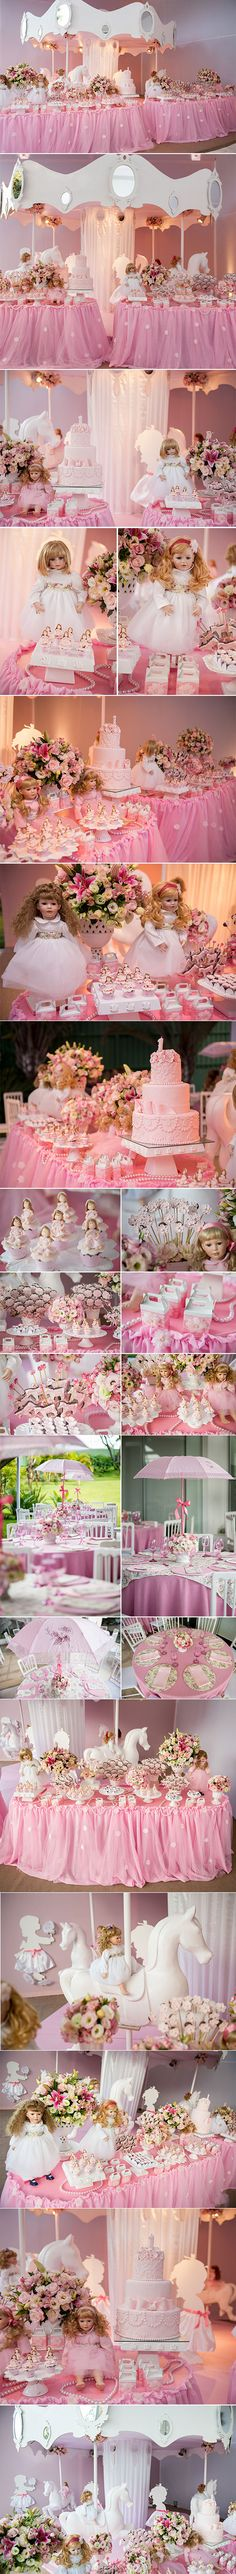 Carrossel-de-bonecas-vintage-